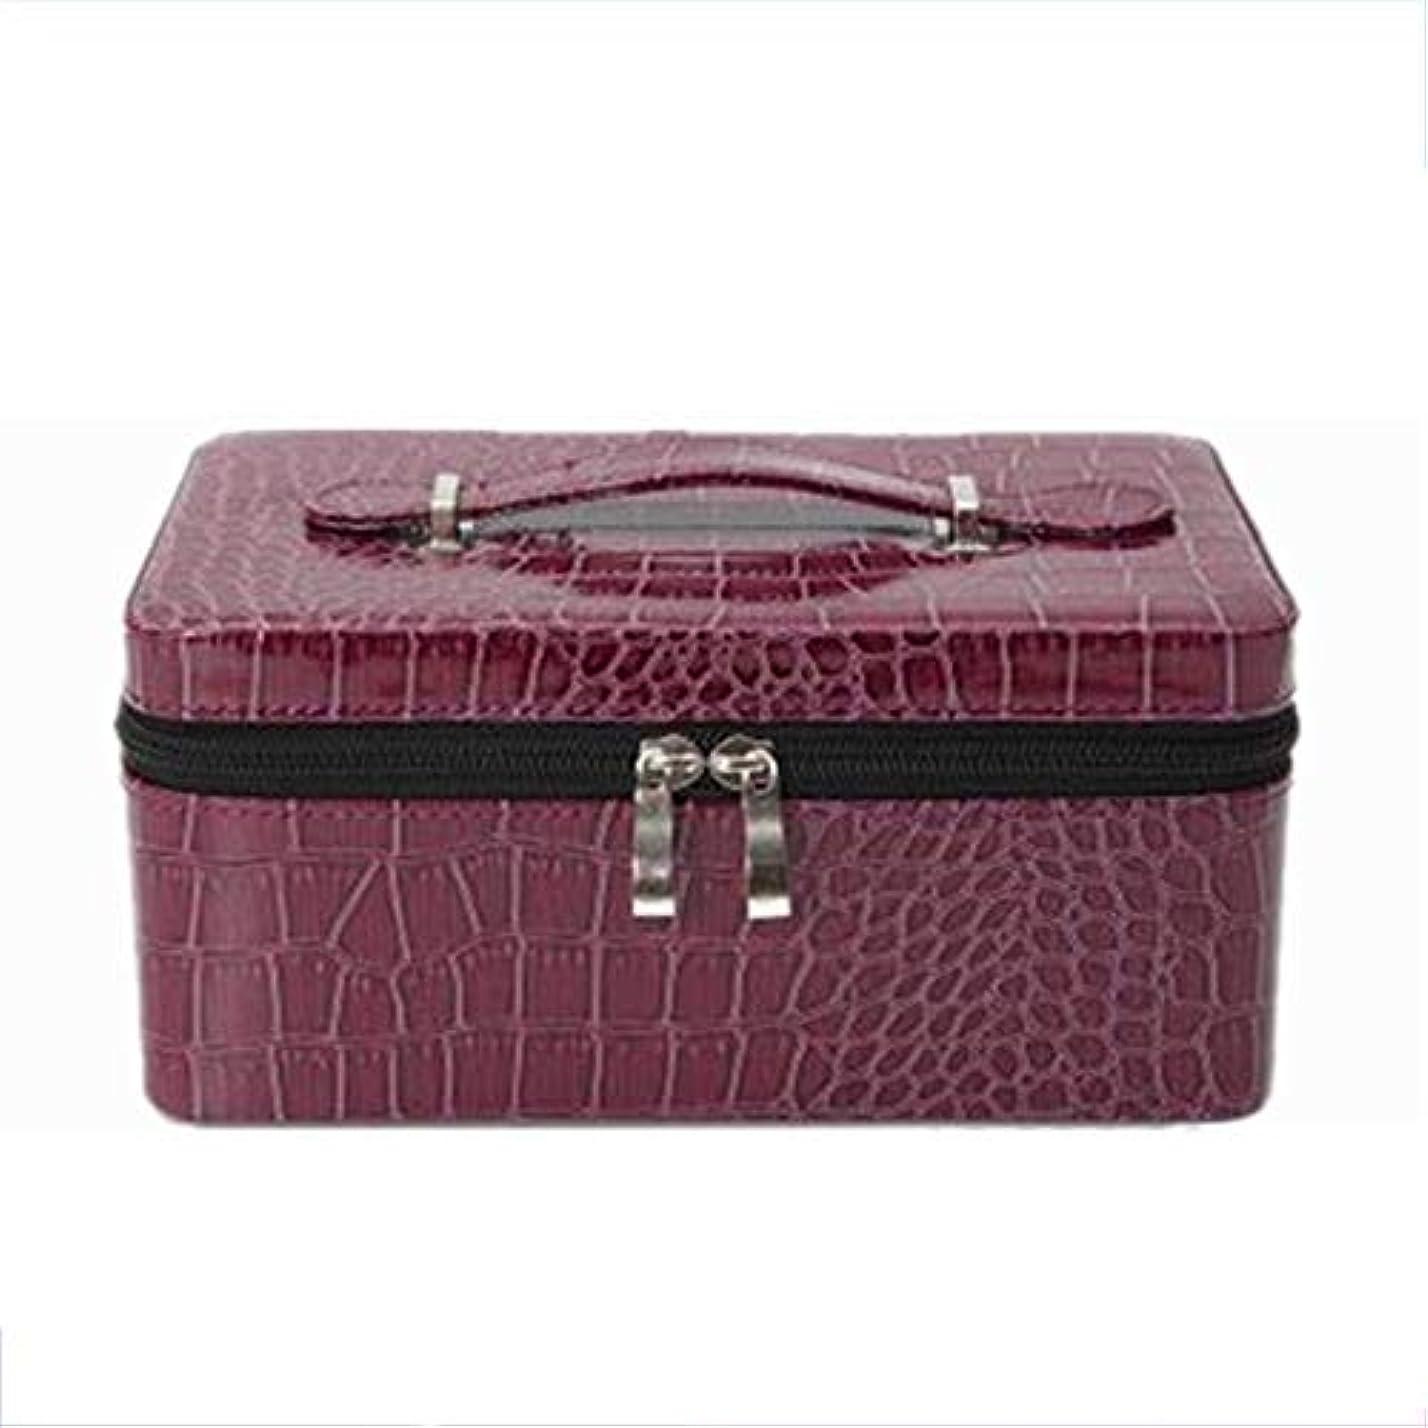 いたずら発掘する器官アロマセラピー収納ボックス 旅行主催2-15用PU石油貯蔵スーツケースは完璧な旅行の荷物をまとめmlの エッセンシャルオイル収納ボックス (色 : 紫の, サイズ : 22.5X14.8X10.3CM)